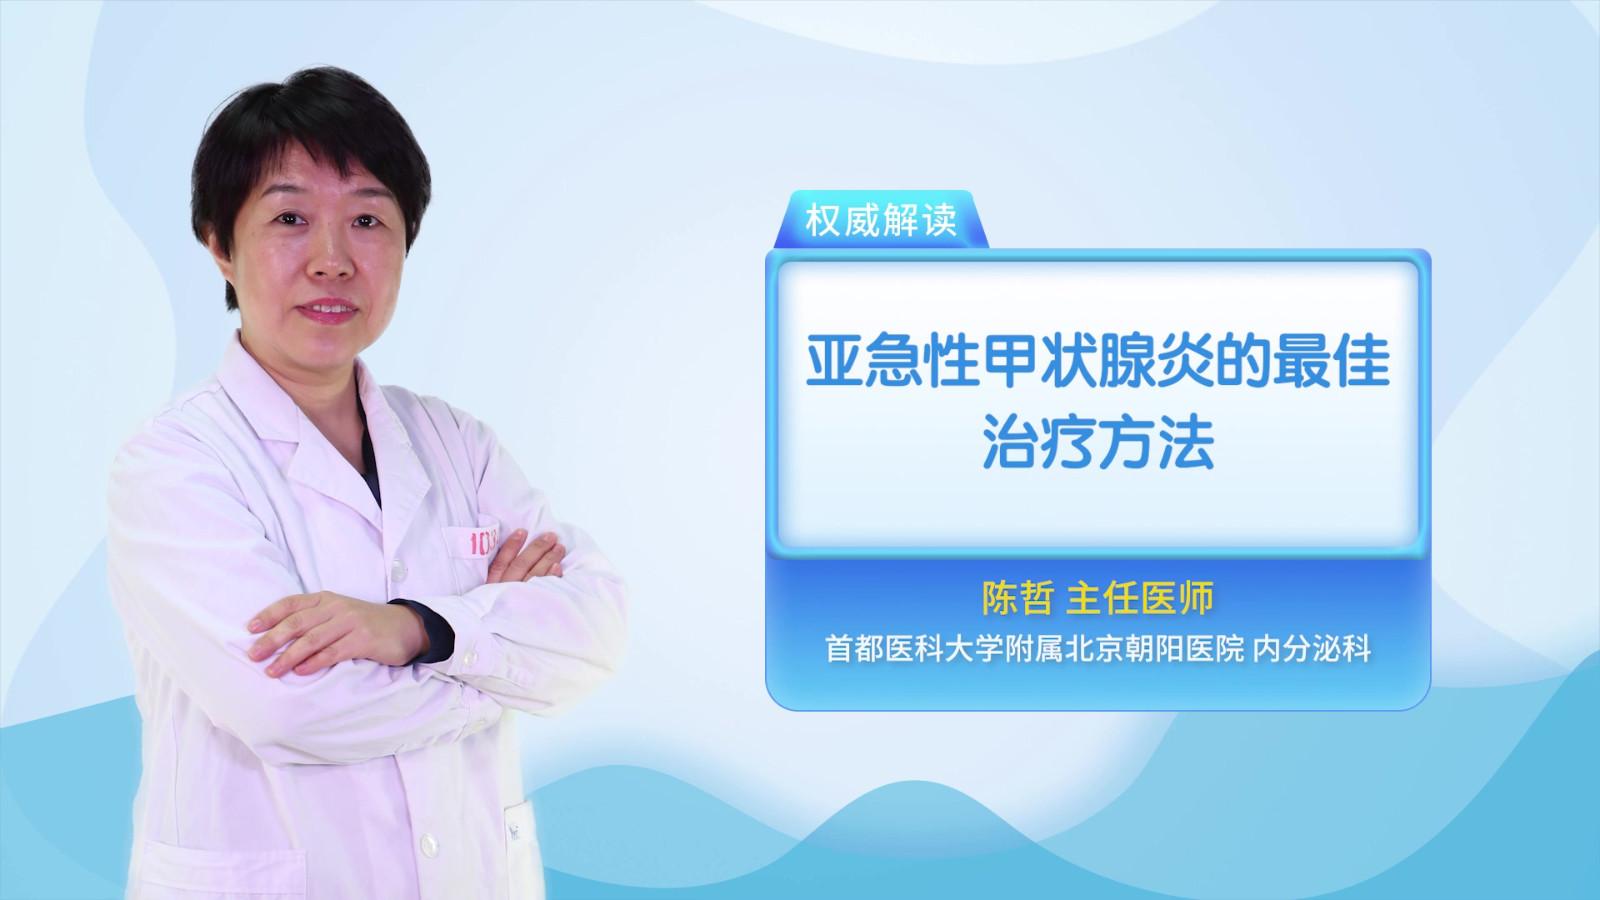 亚急性甲状腺炎的最佳治疗方法